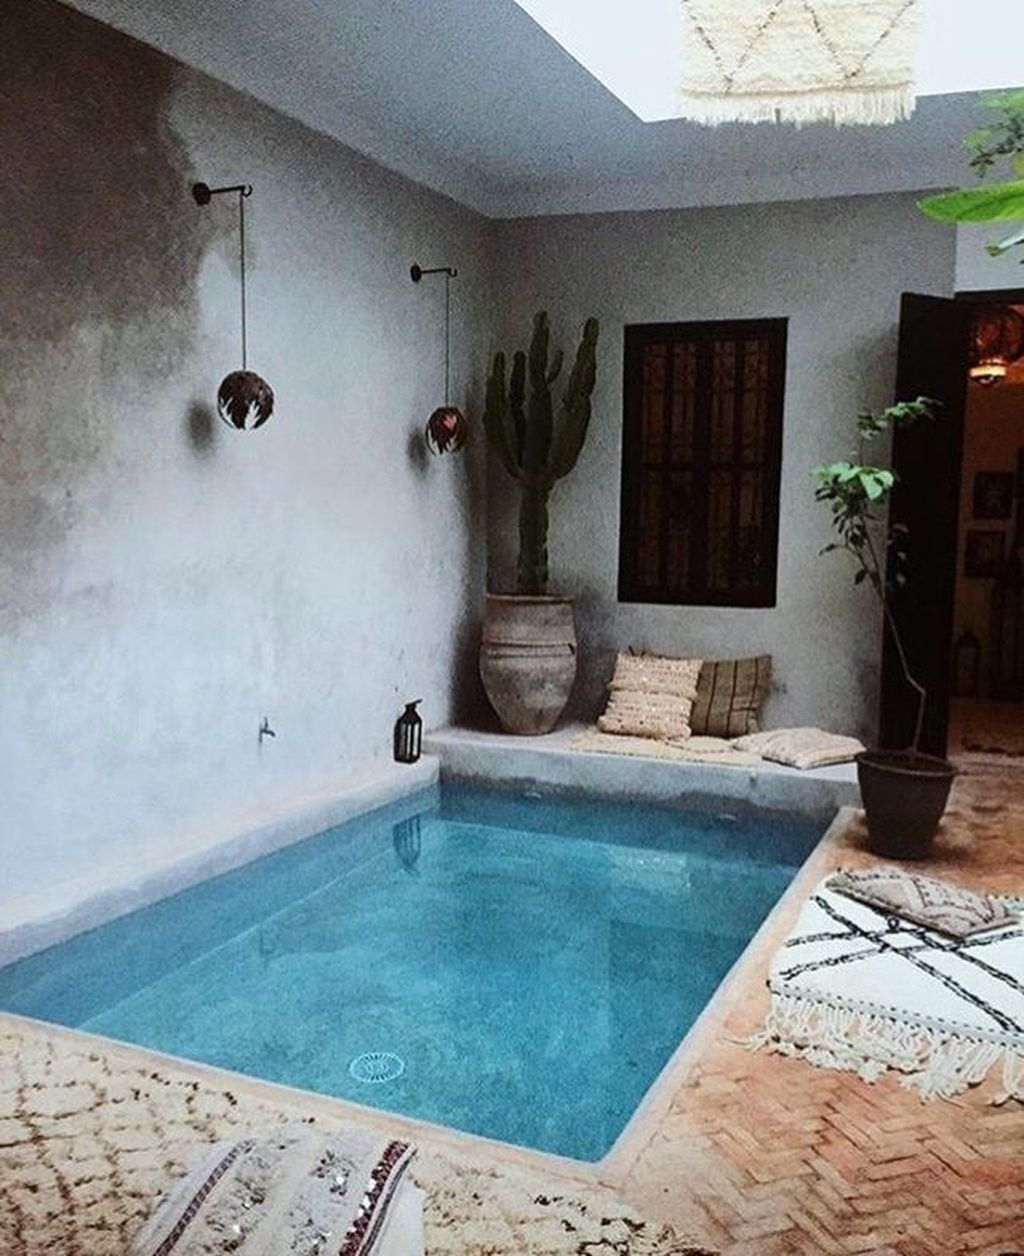 Mydecorary Com Nbspmydecorary Resources And Information Mediterranean Interior Design Mediterranean Homes Mediterranean Decor